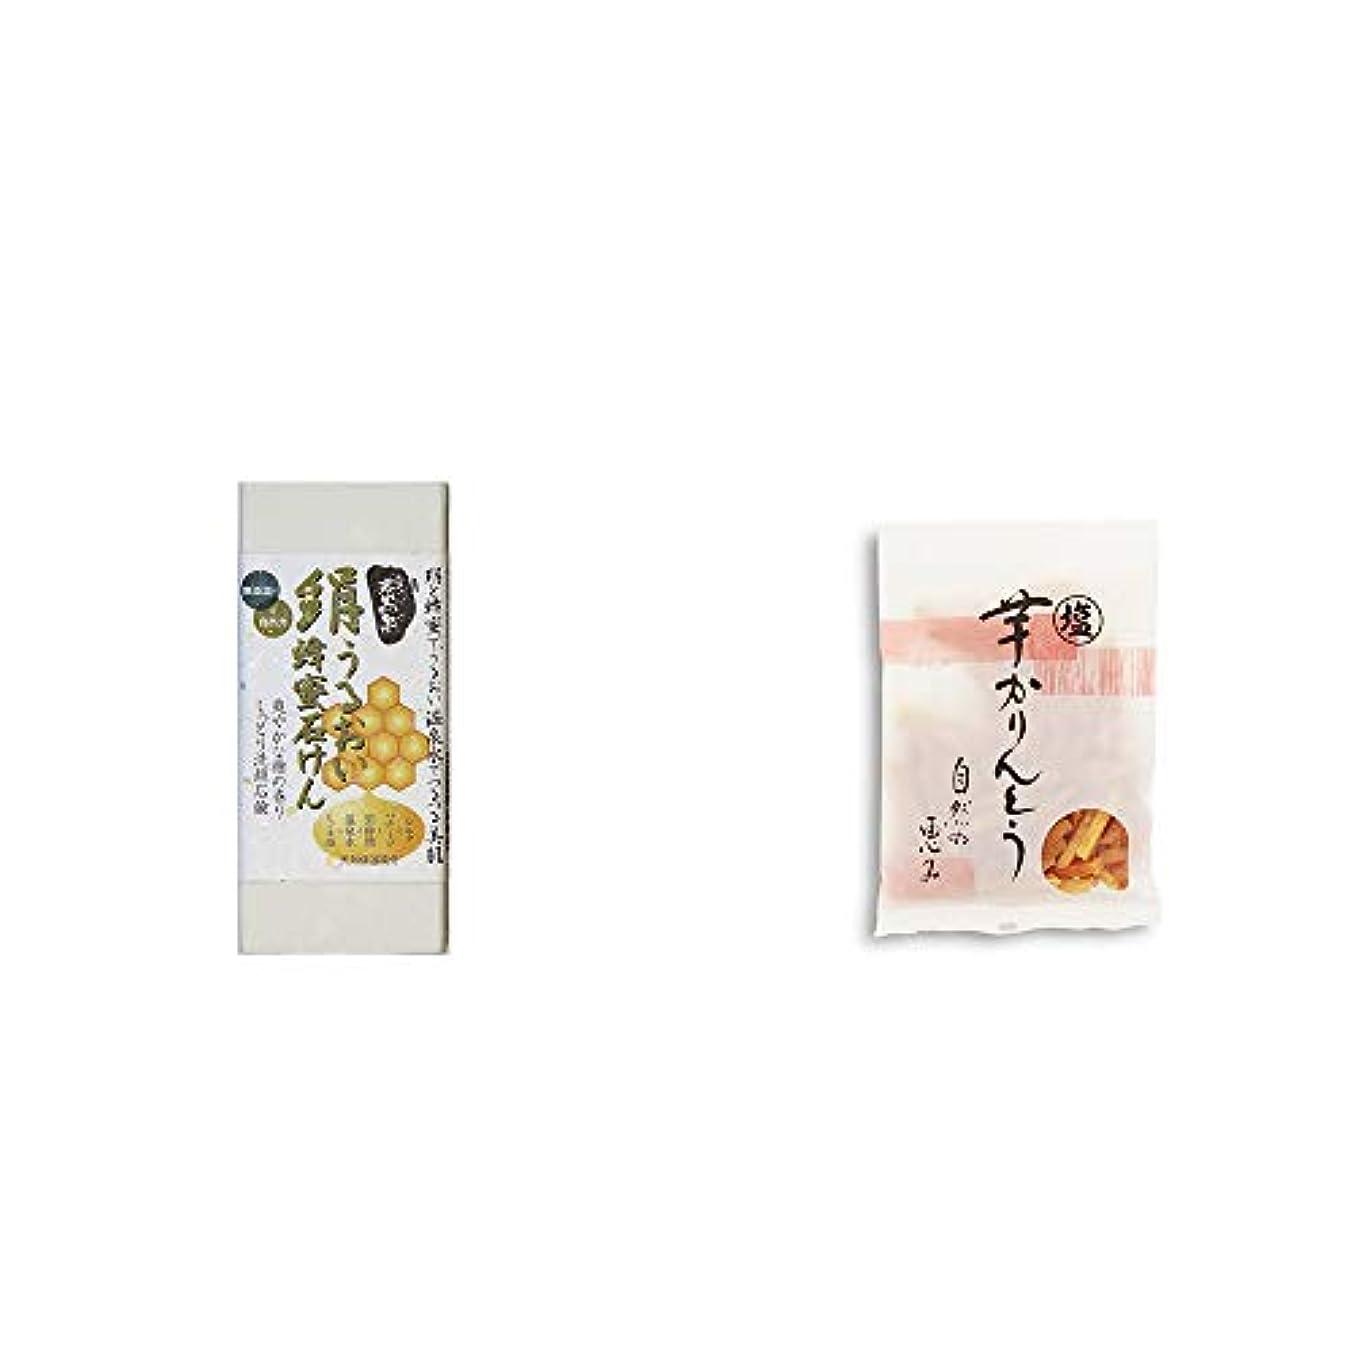 評価市民権あたり[2点セット] ひのき炭黒泉 絹うるおい蜂蜜石けん(75g×2)?塩芋かりんとう(150g)